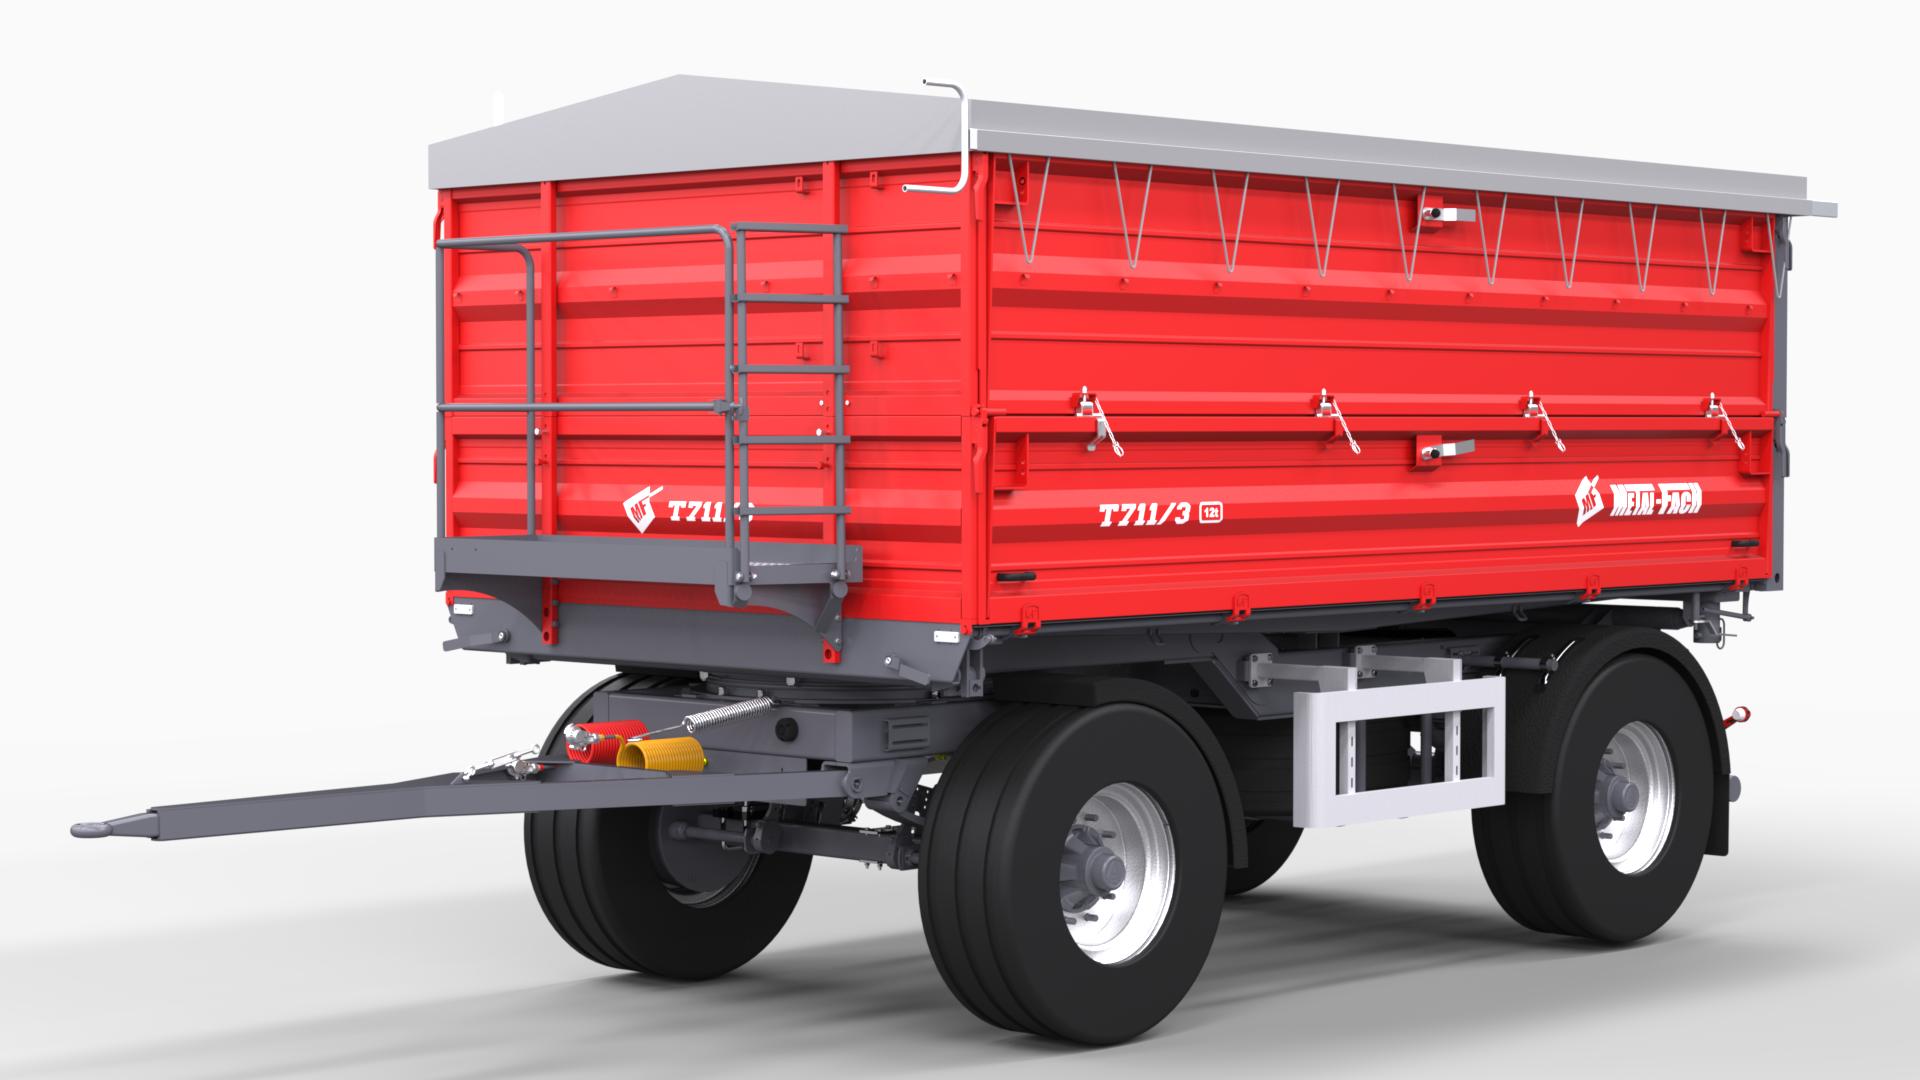 Remorque-agricole-à-deux-essieux-T711-3